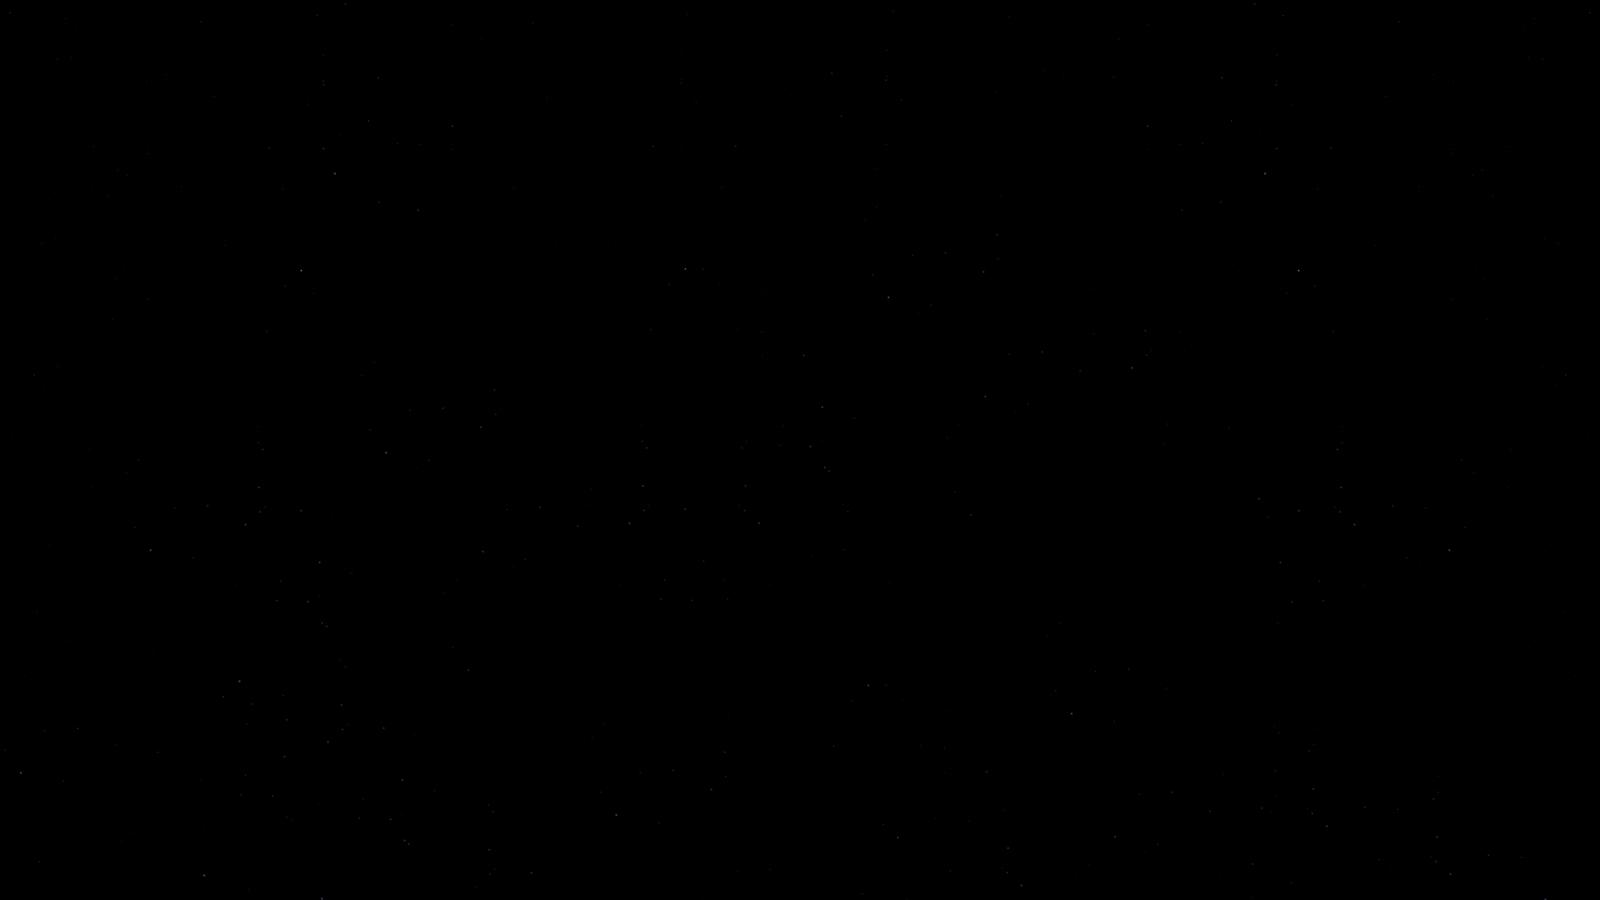 Free Download Dual Monitor Wallpaper Star Wars Quotekocom 3200x1200 For Your Desktop Mobile Tablet Explore 47 Dual Screen Wallpaper Star Wars Panoramic Wallpaper Dual Screen Windows 10 Free Panoramic